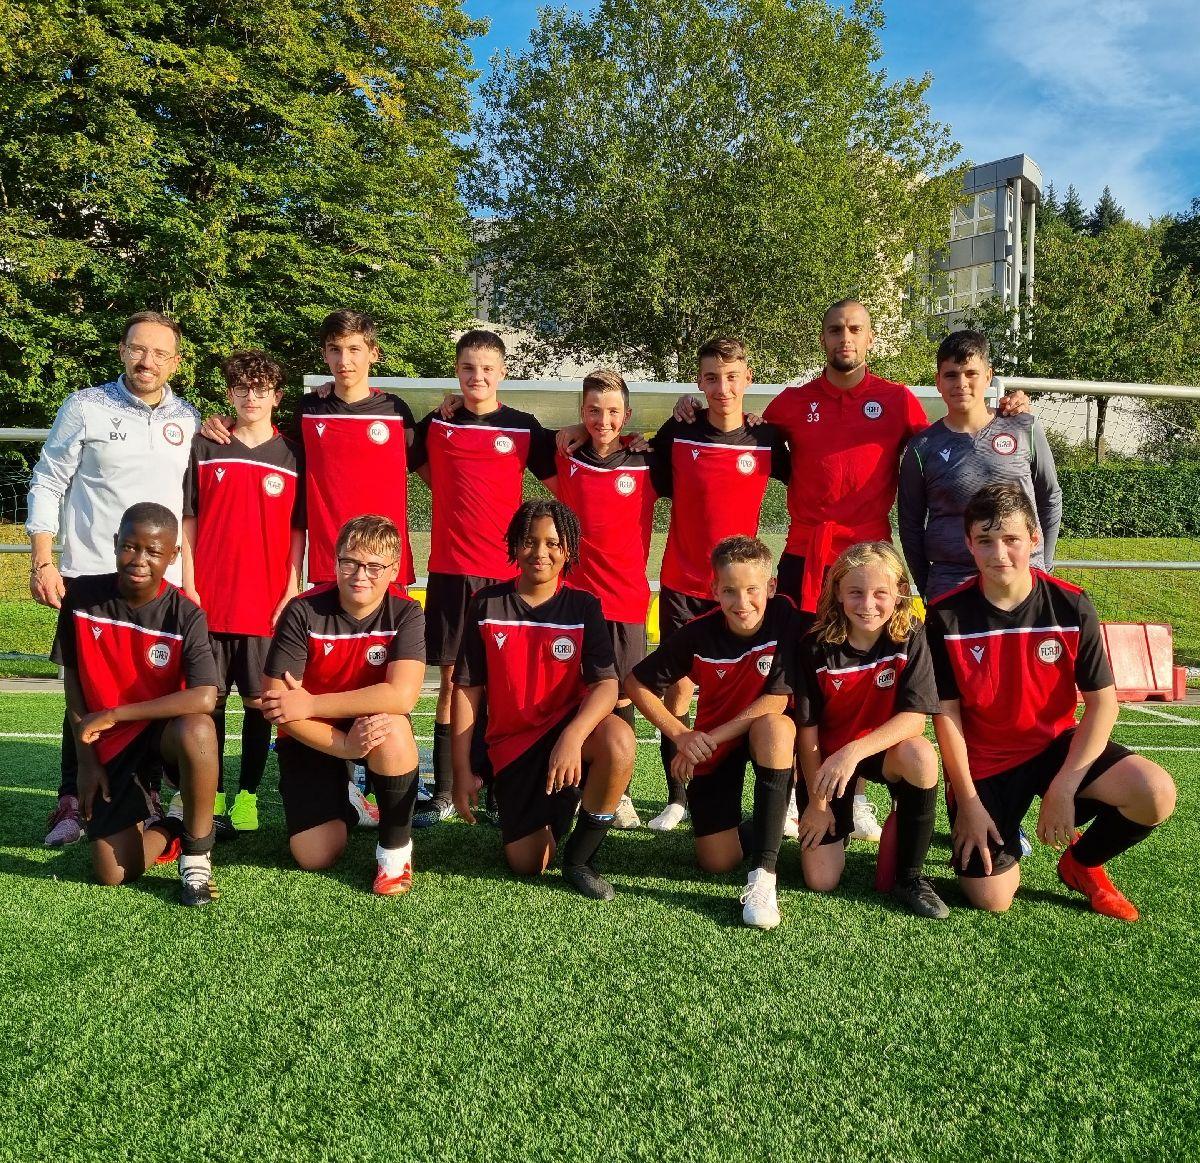 F.C. Rodange 91 U15